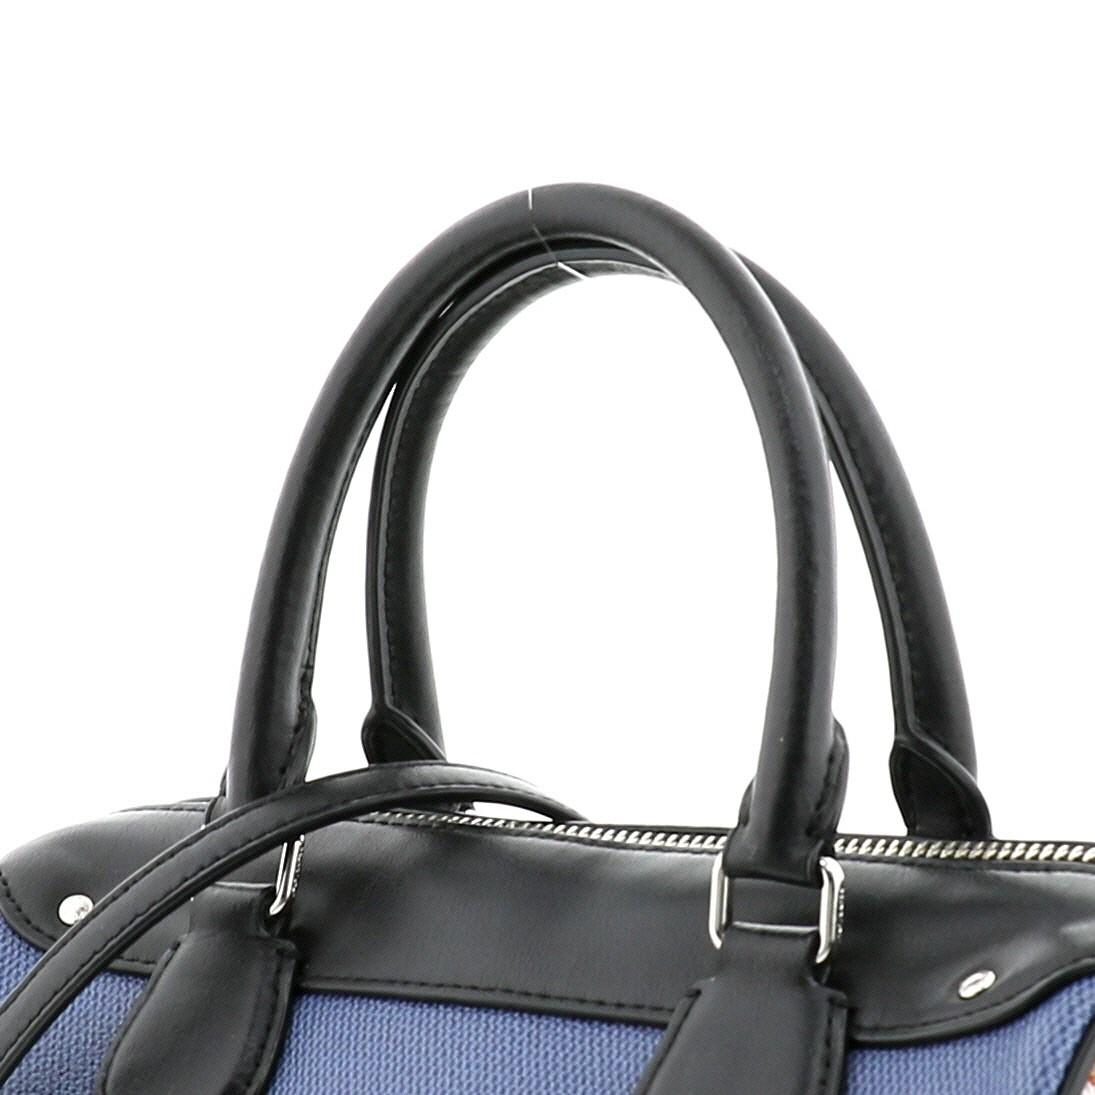 【中古】COACH コーチ ミニベネット サッチェル 2way ミニボストンバッグ バッグ ボストンバッグ  Blue/ブルー 花柄 F57533 used:A